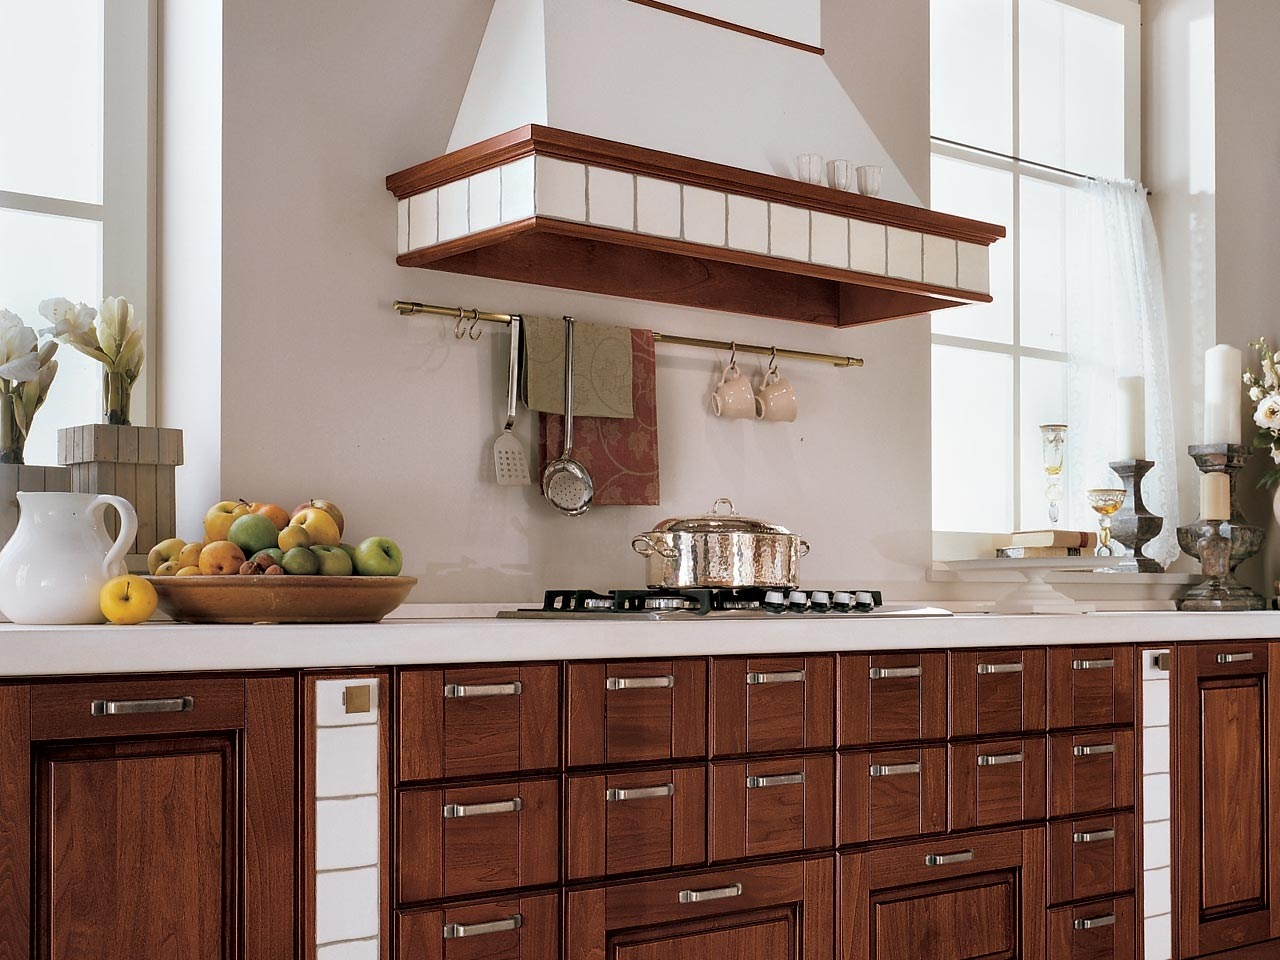 Cucine in legno massello la cucina cucine legno massello - Cucine moderne in legno ...